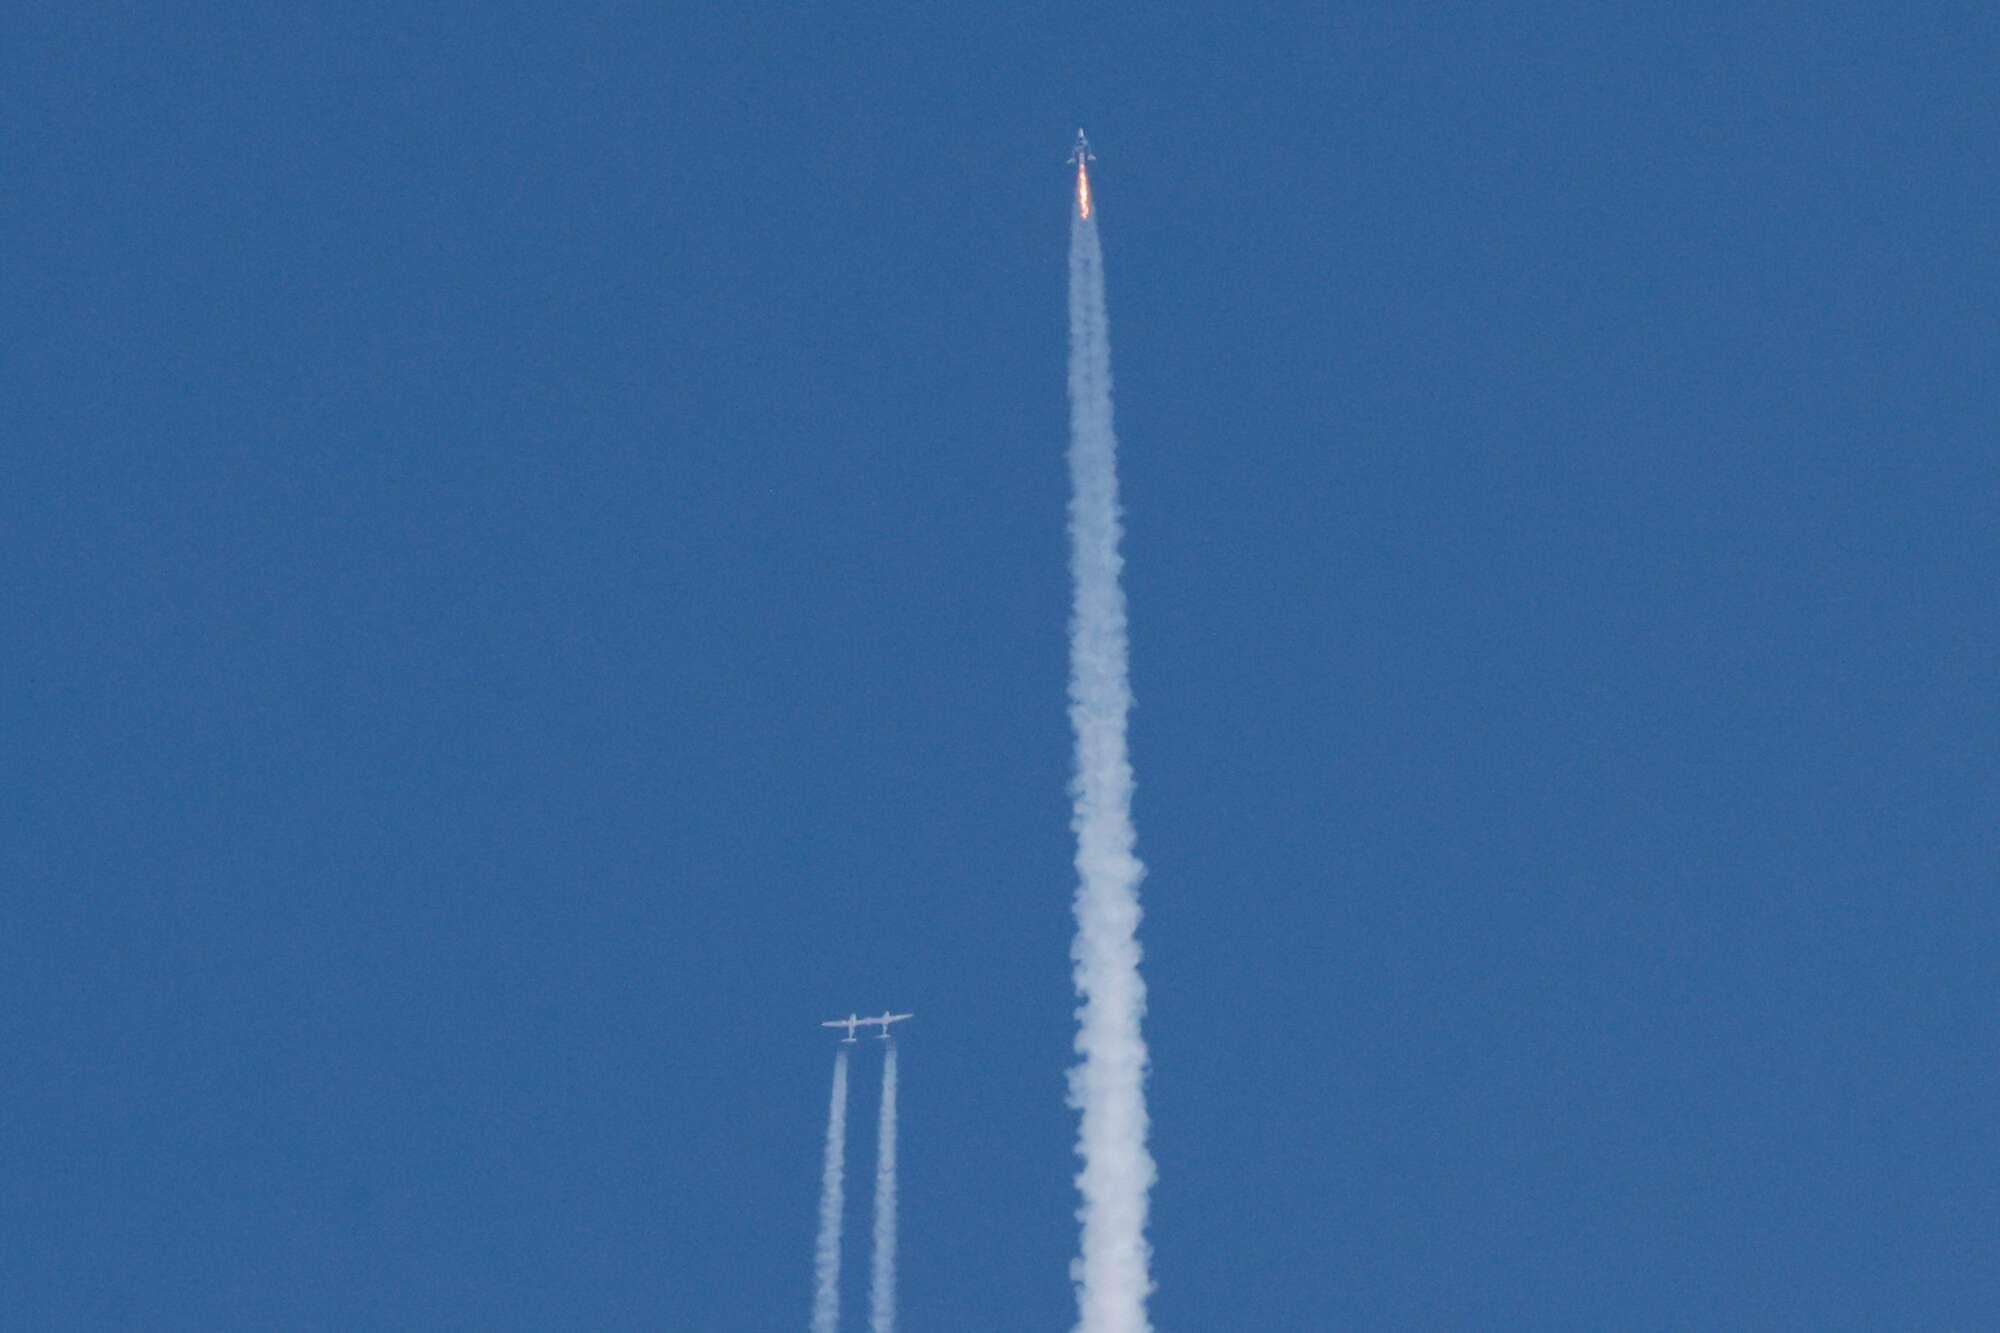 Ο πύραυλος εκτοξεύει το Unity σε ύψος 80 χιλιομέτρων!